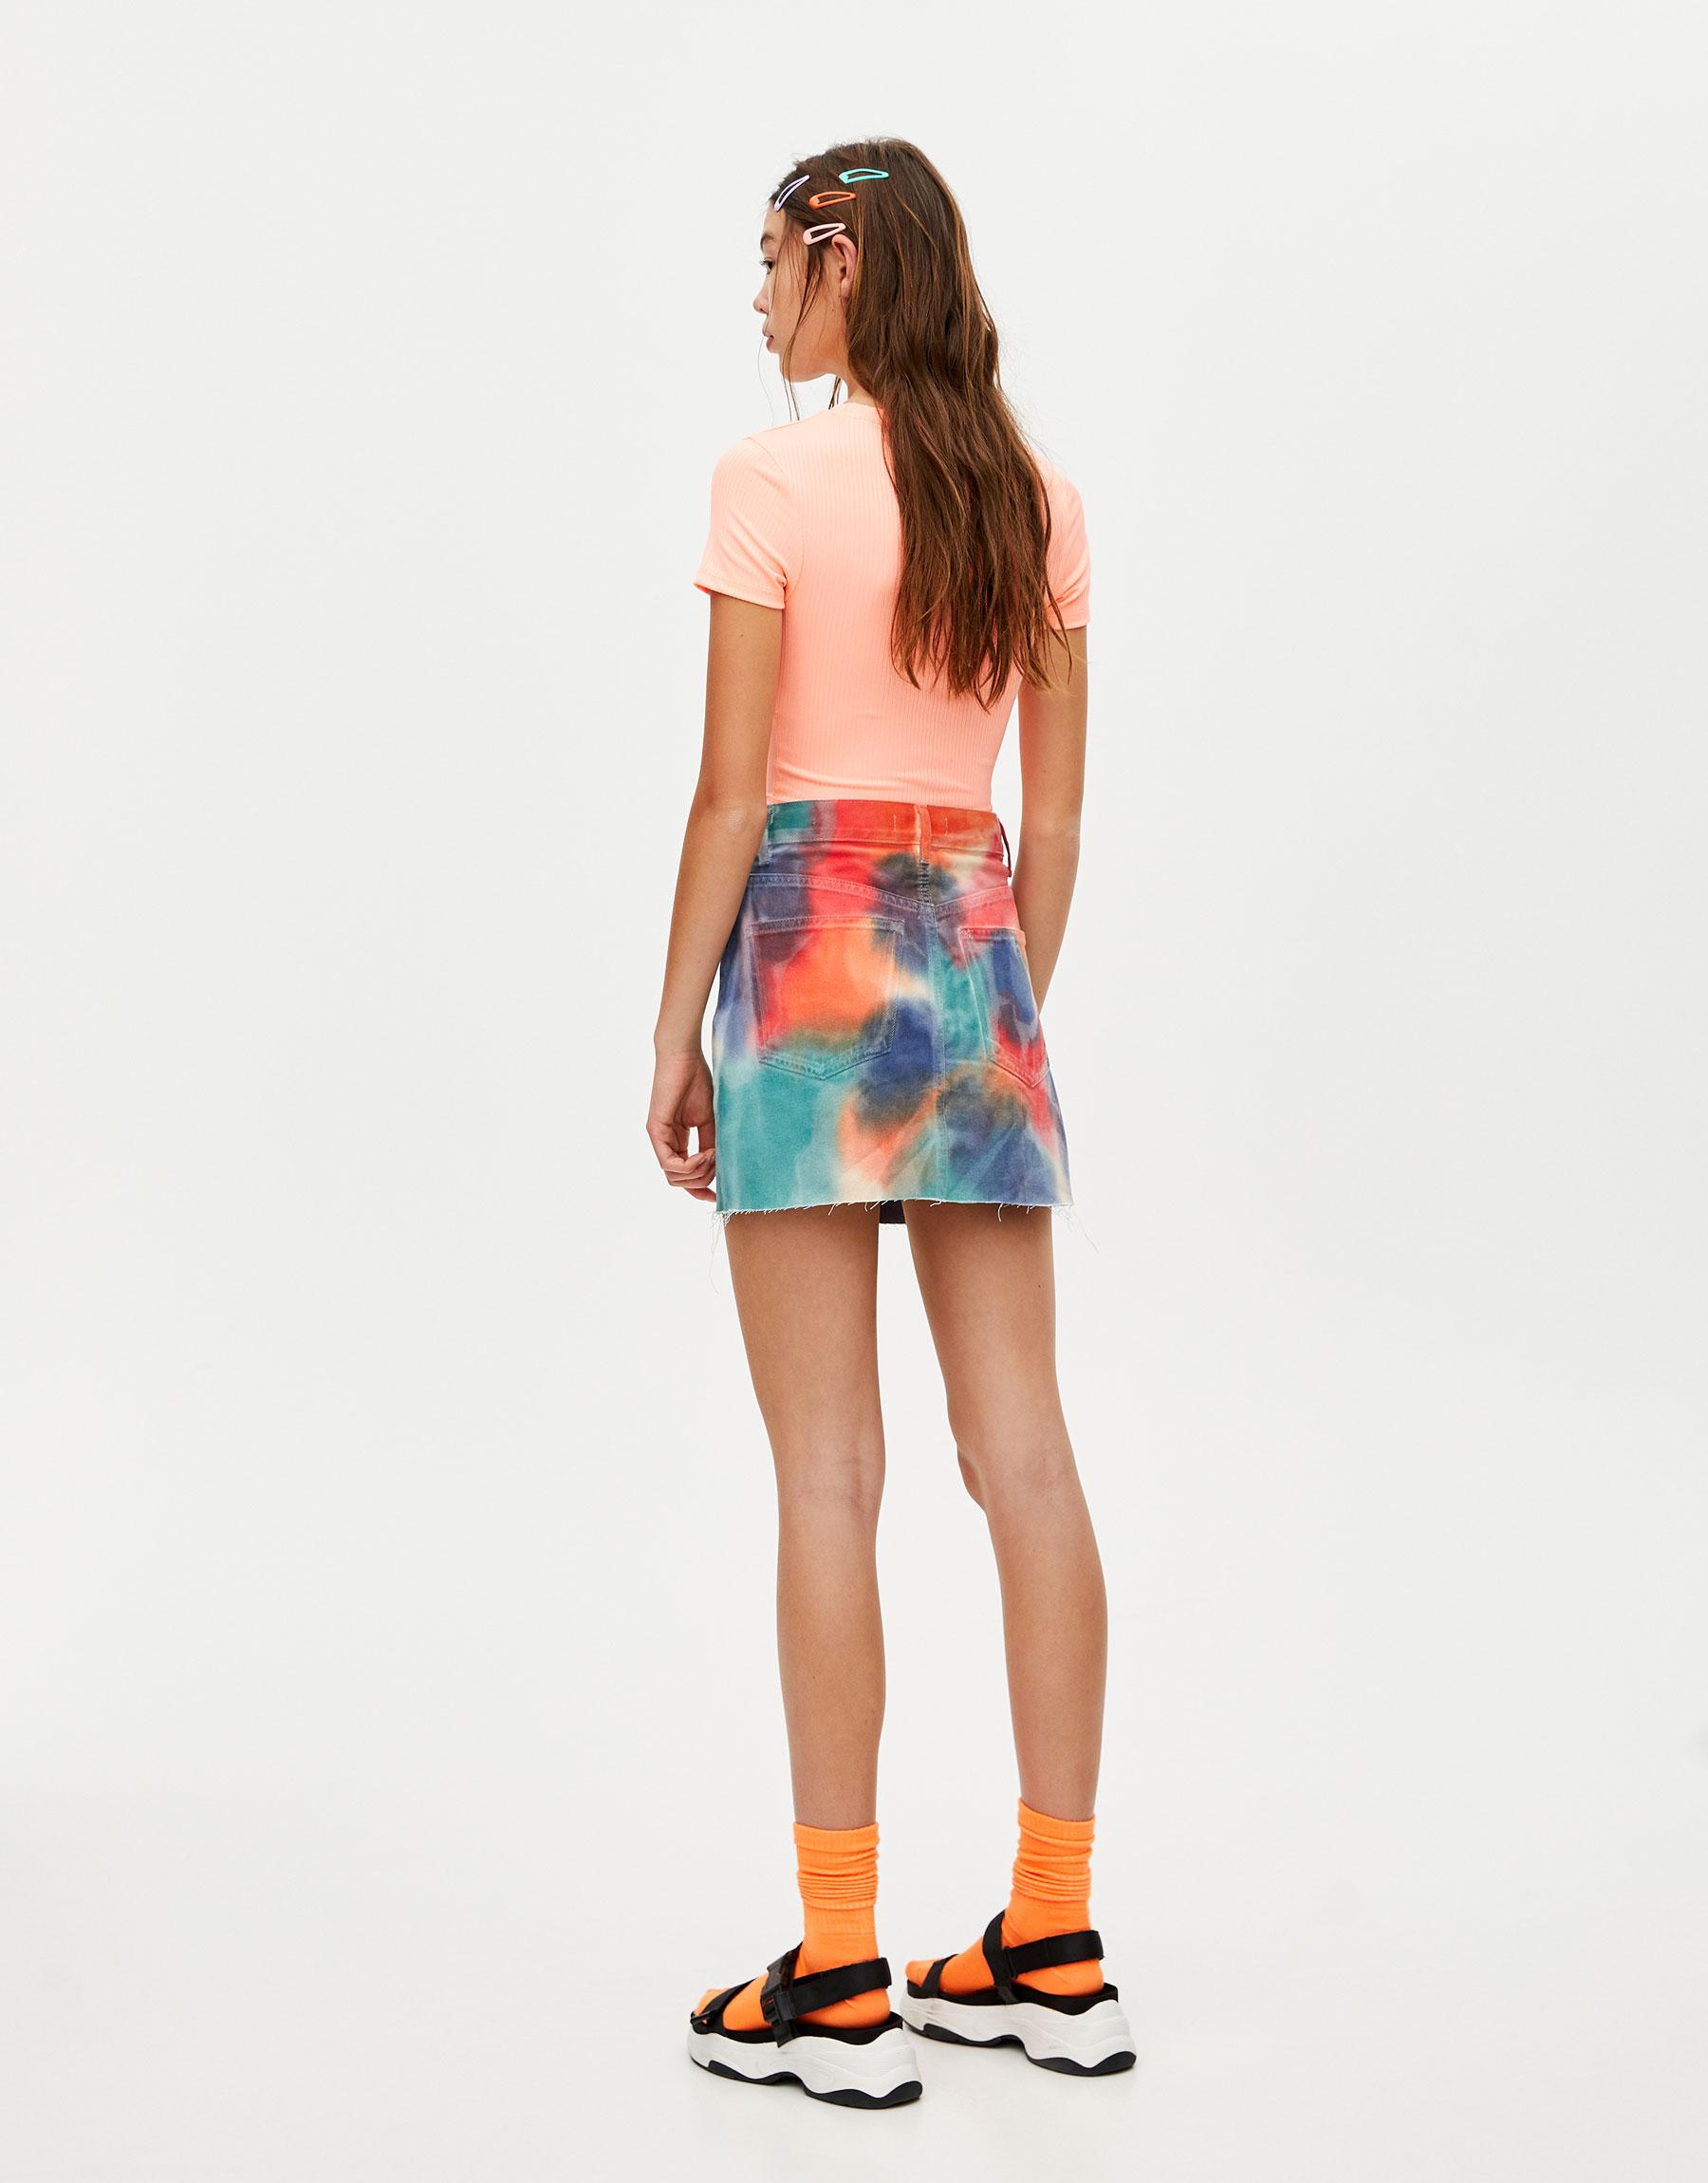 967ea55d644f0 Multicoloured tie-dye mini skirt. Pullbear Pullbear. 39.90 $